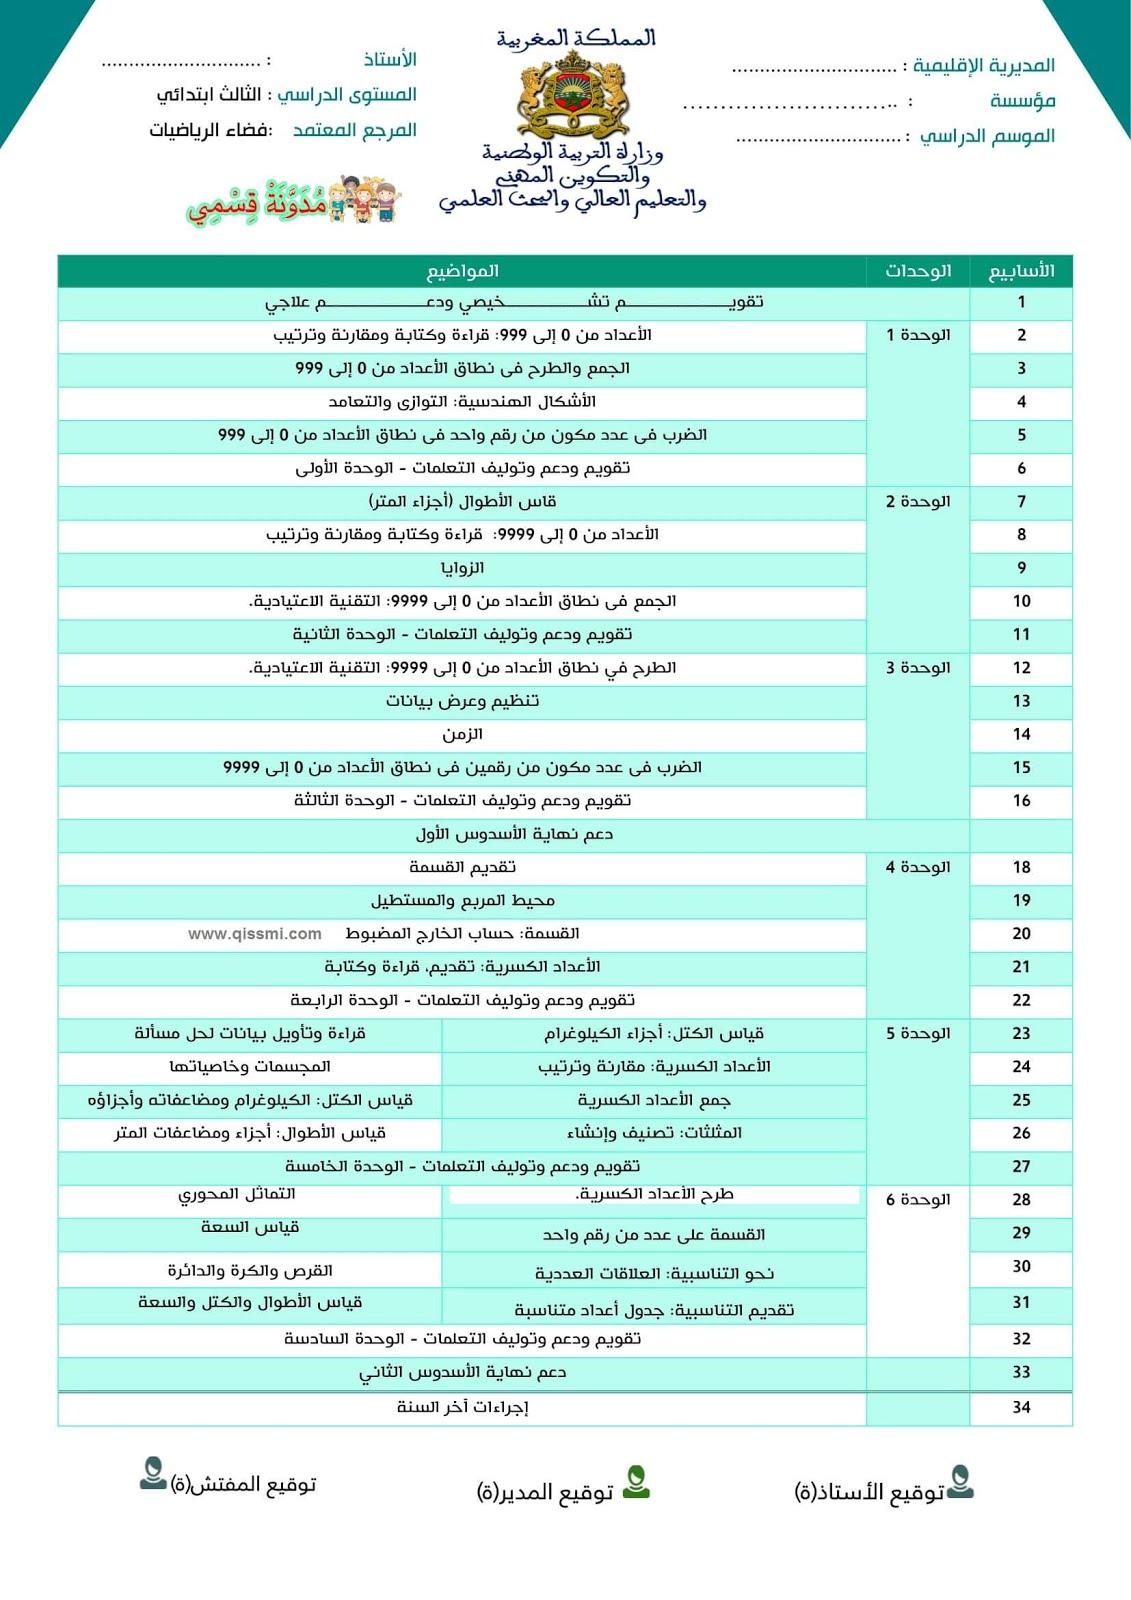 التوزيع السنوي لفضاء الرياضيات للمستوى الثالث بتدائي pdf